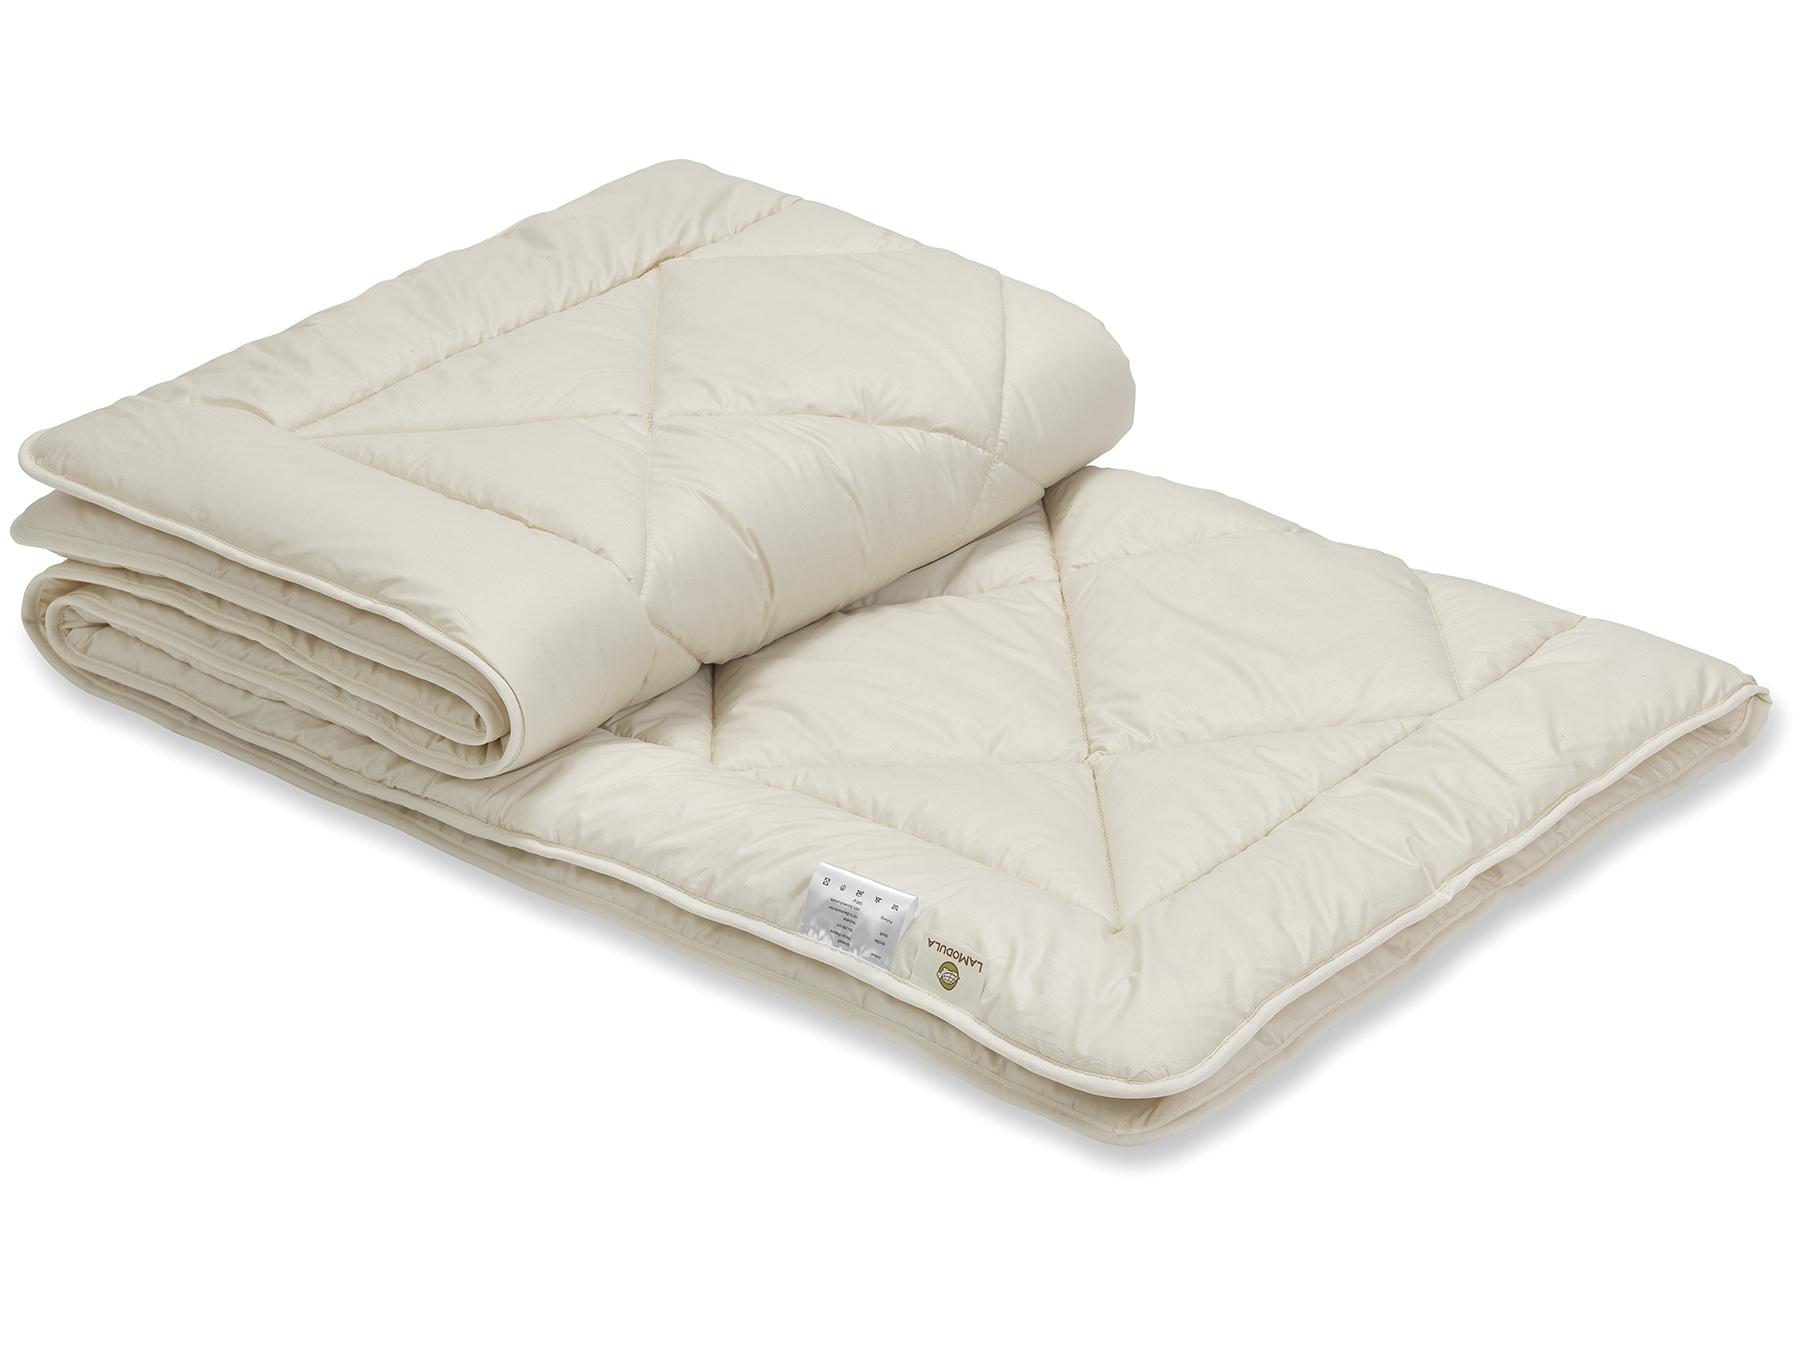 Bettdecke Schurwolle